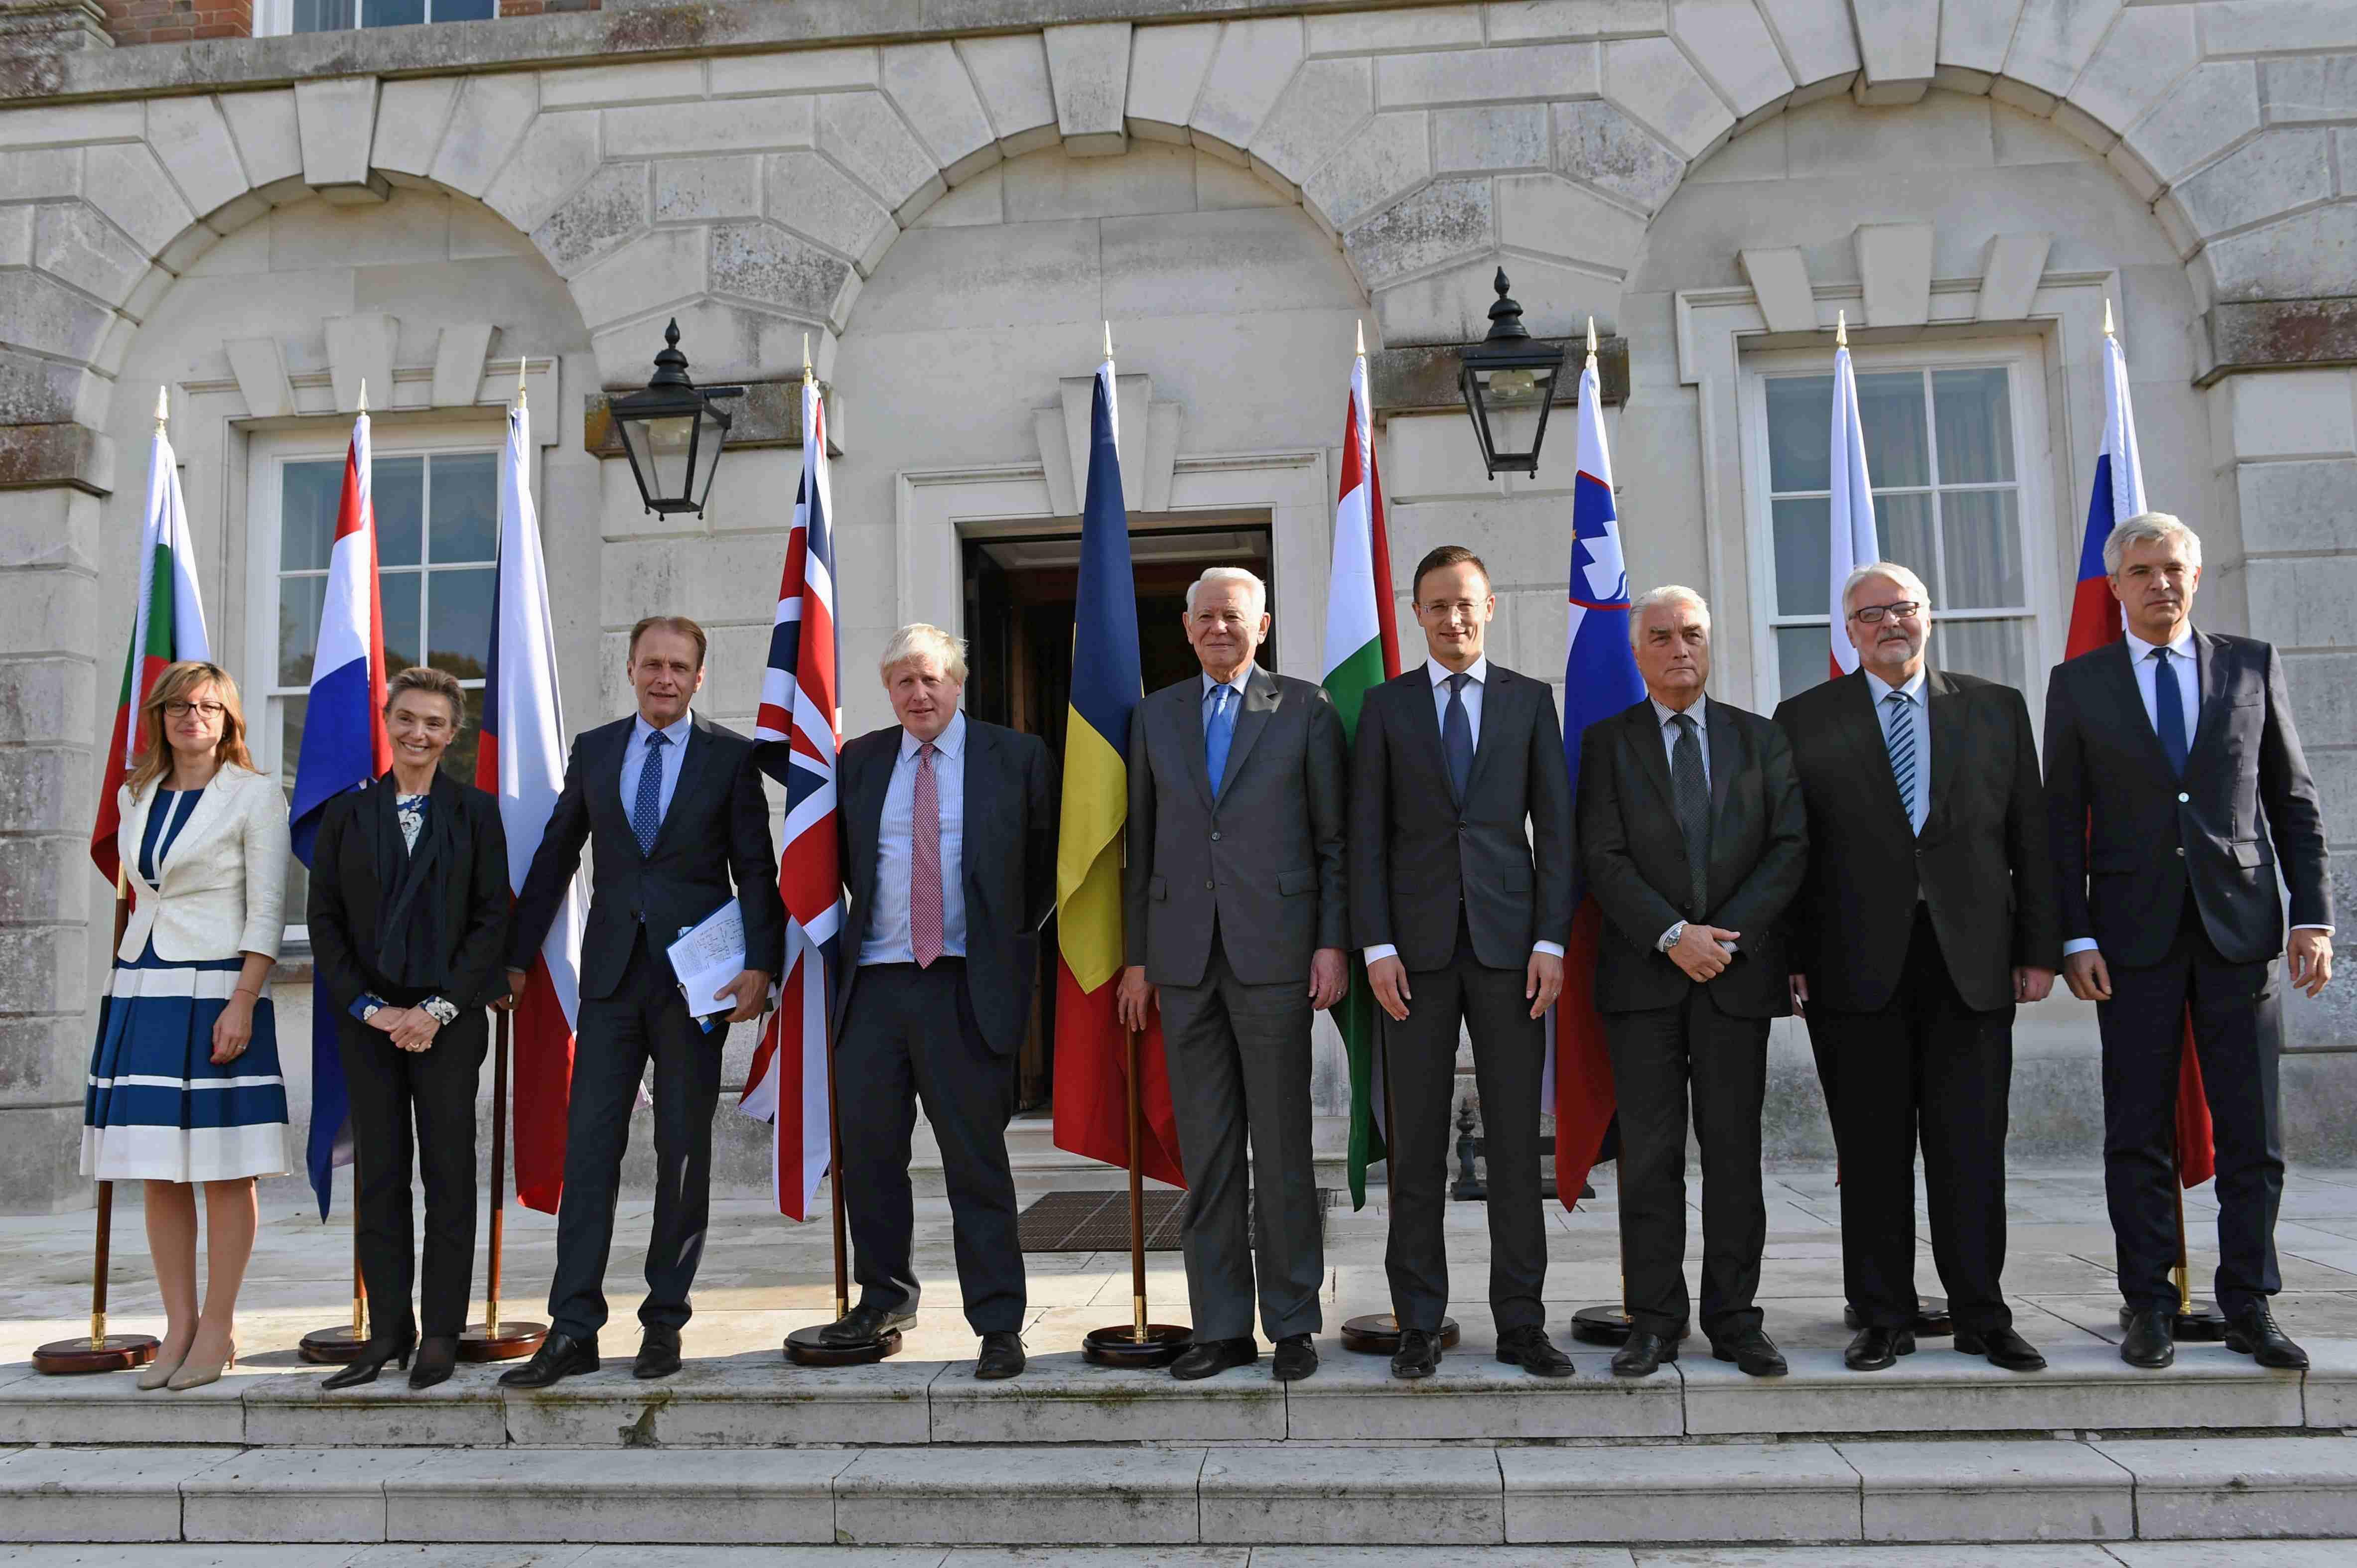 egyeztetési szolgáltatások Egyesült Királyságban rangsorolt találat dota 2 hogyan működik